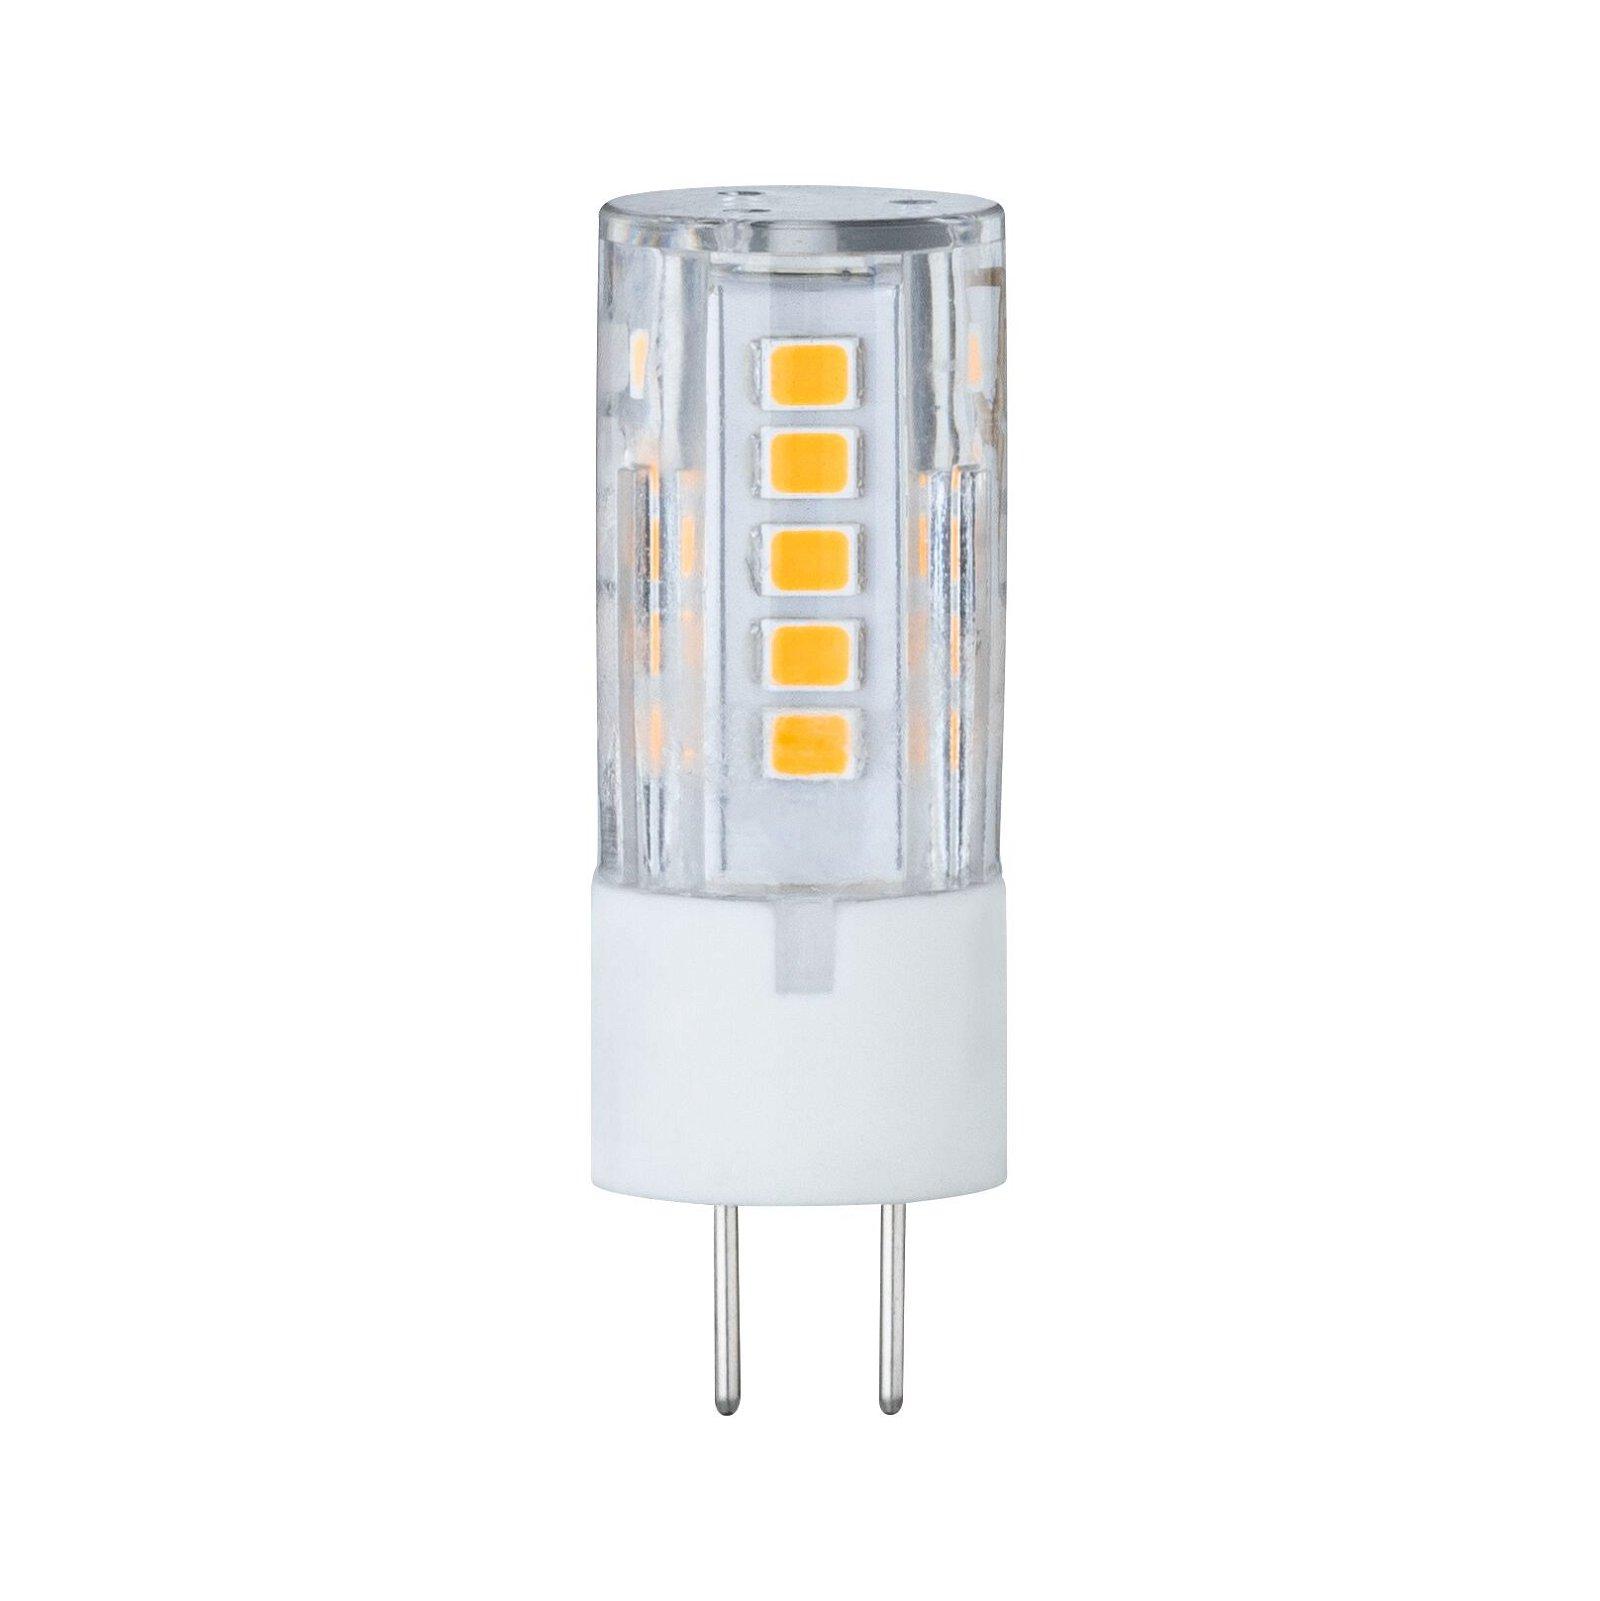 LED Stiftsockel GY6,35 12V 300lm 3,5W 2700K Klar